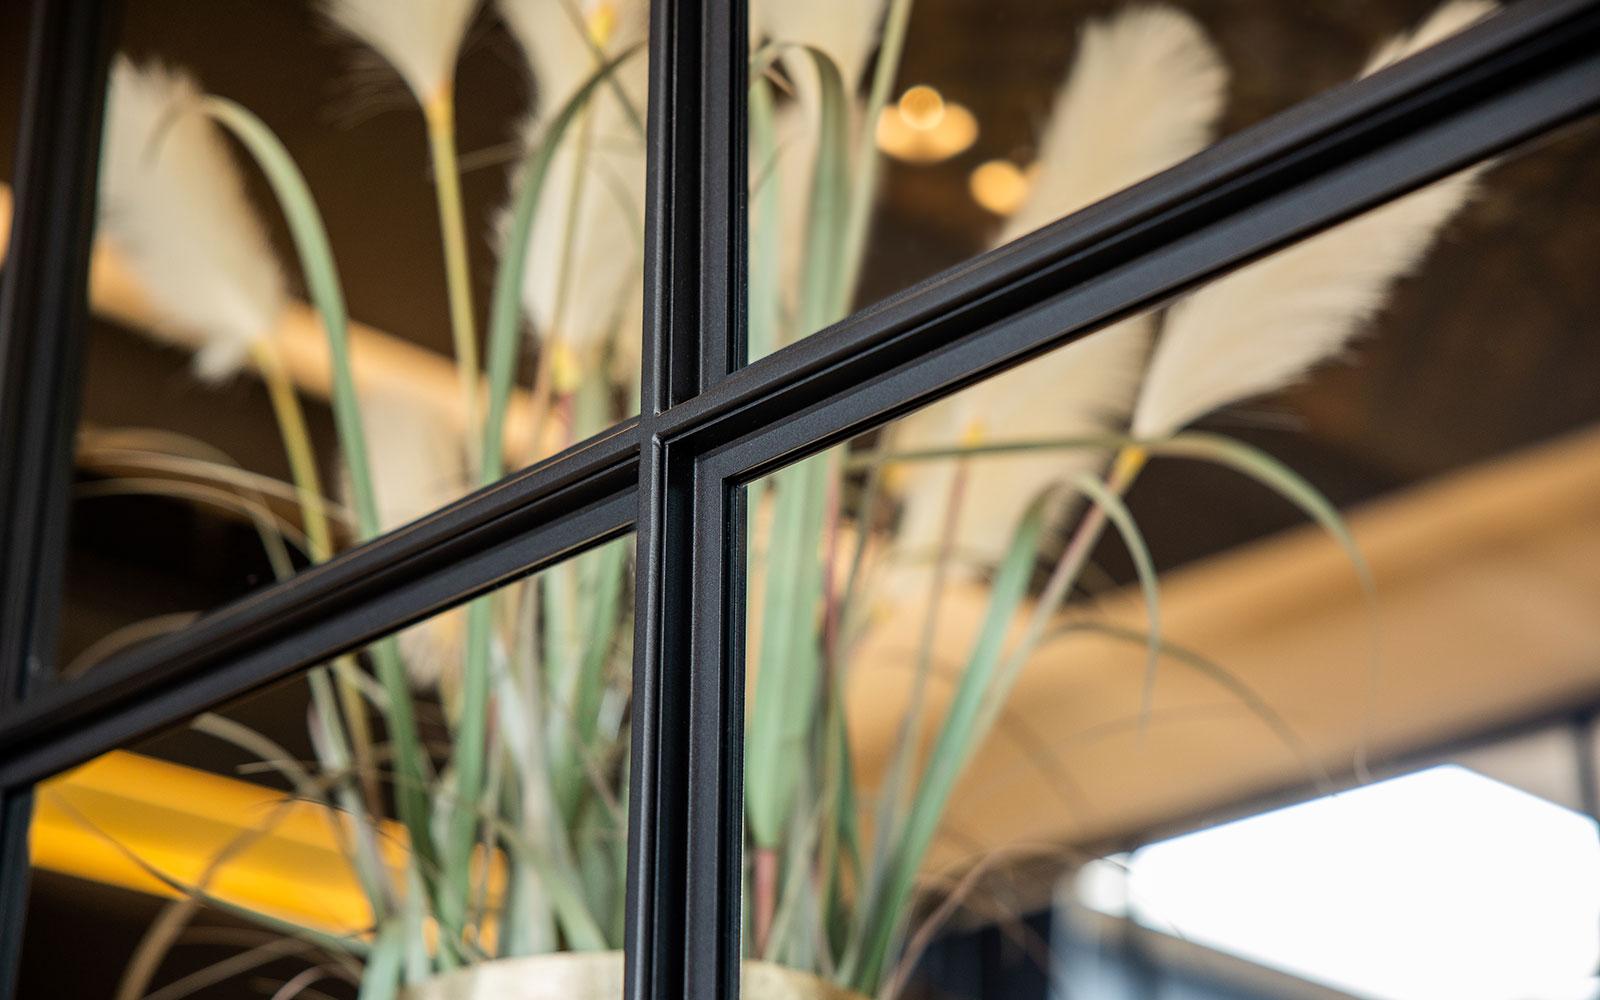 taatsdeur, De Rooy Metaaldesign, deur, The Art of Living